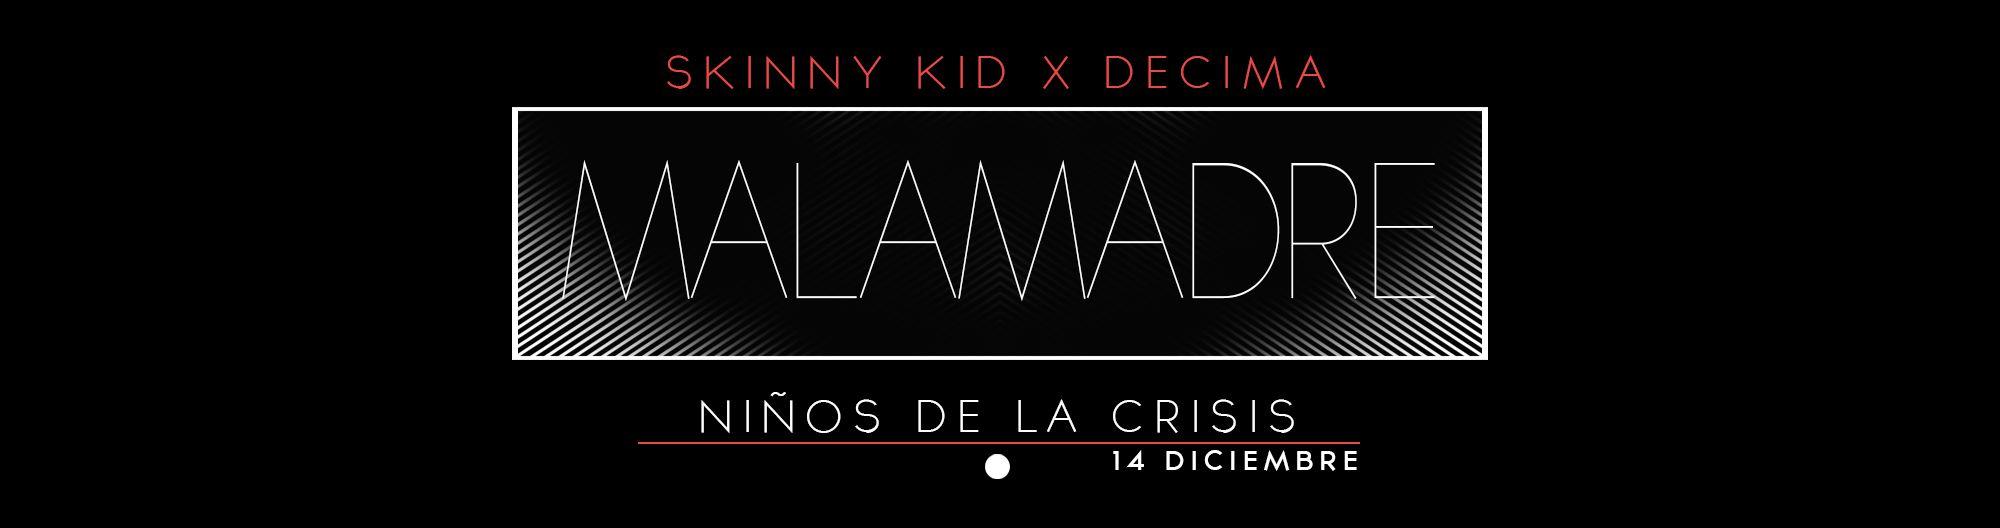 Skinny Kid presenta tema y se lanza al trap con nueva mixtape como Malamadre